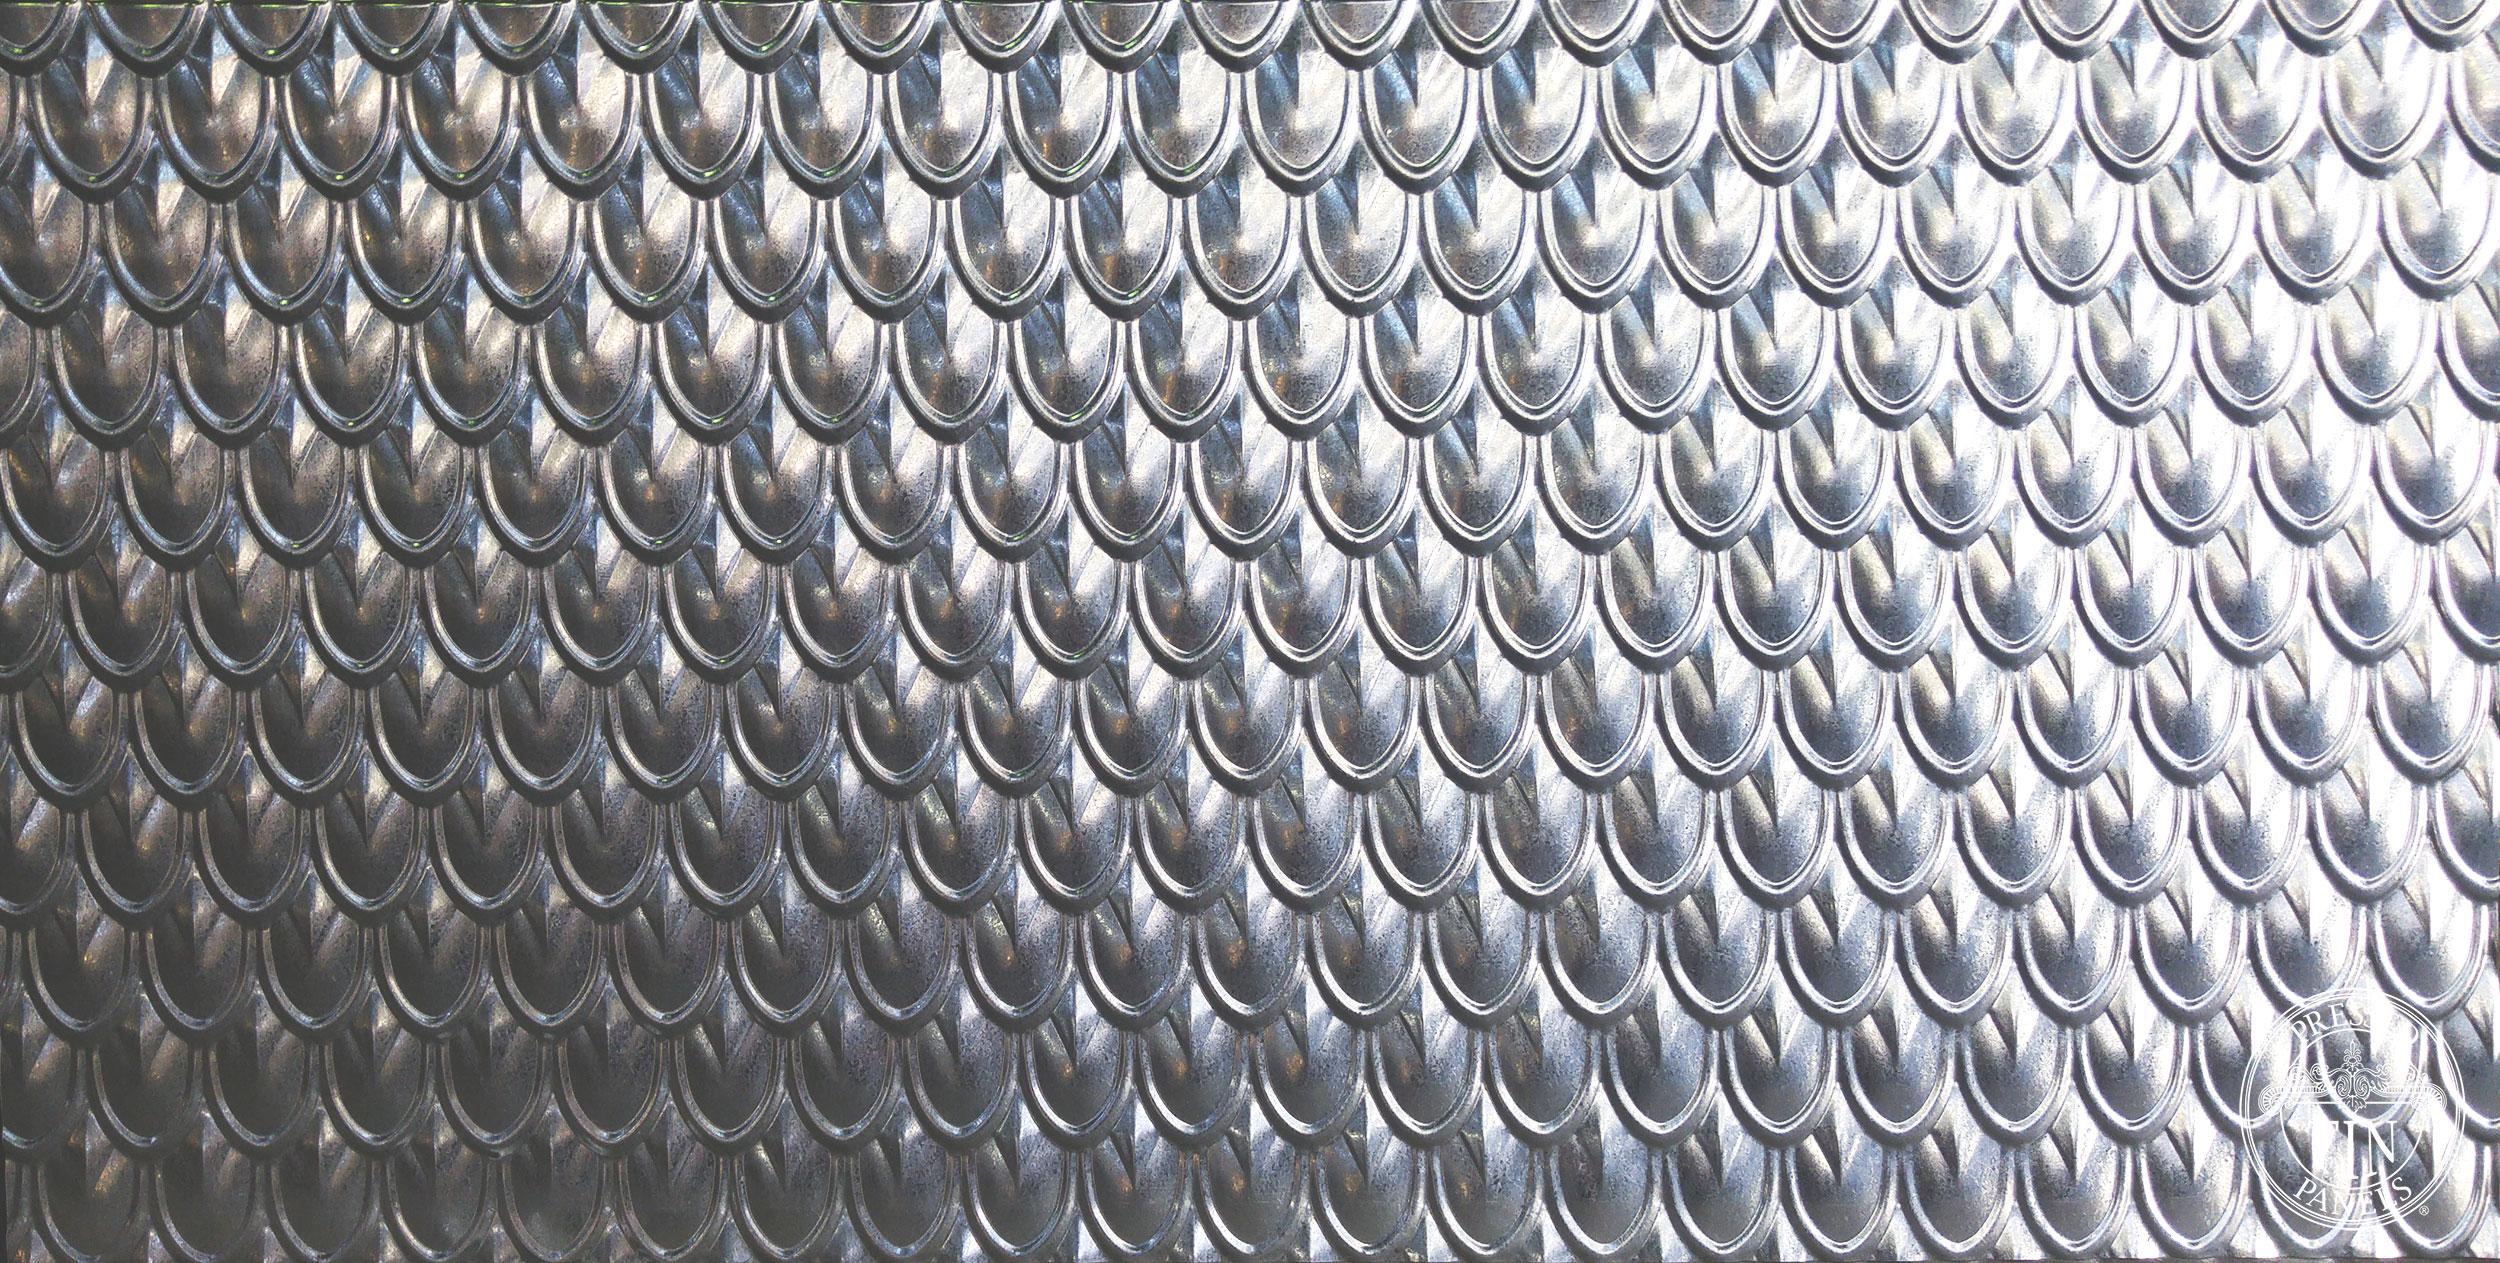 Fish Scale Galvanised 920mm x 1830mm full panel